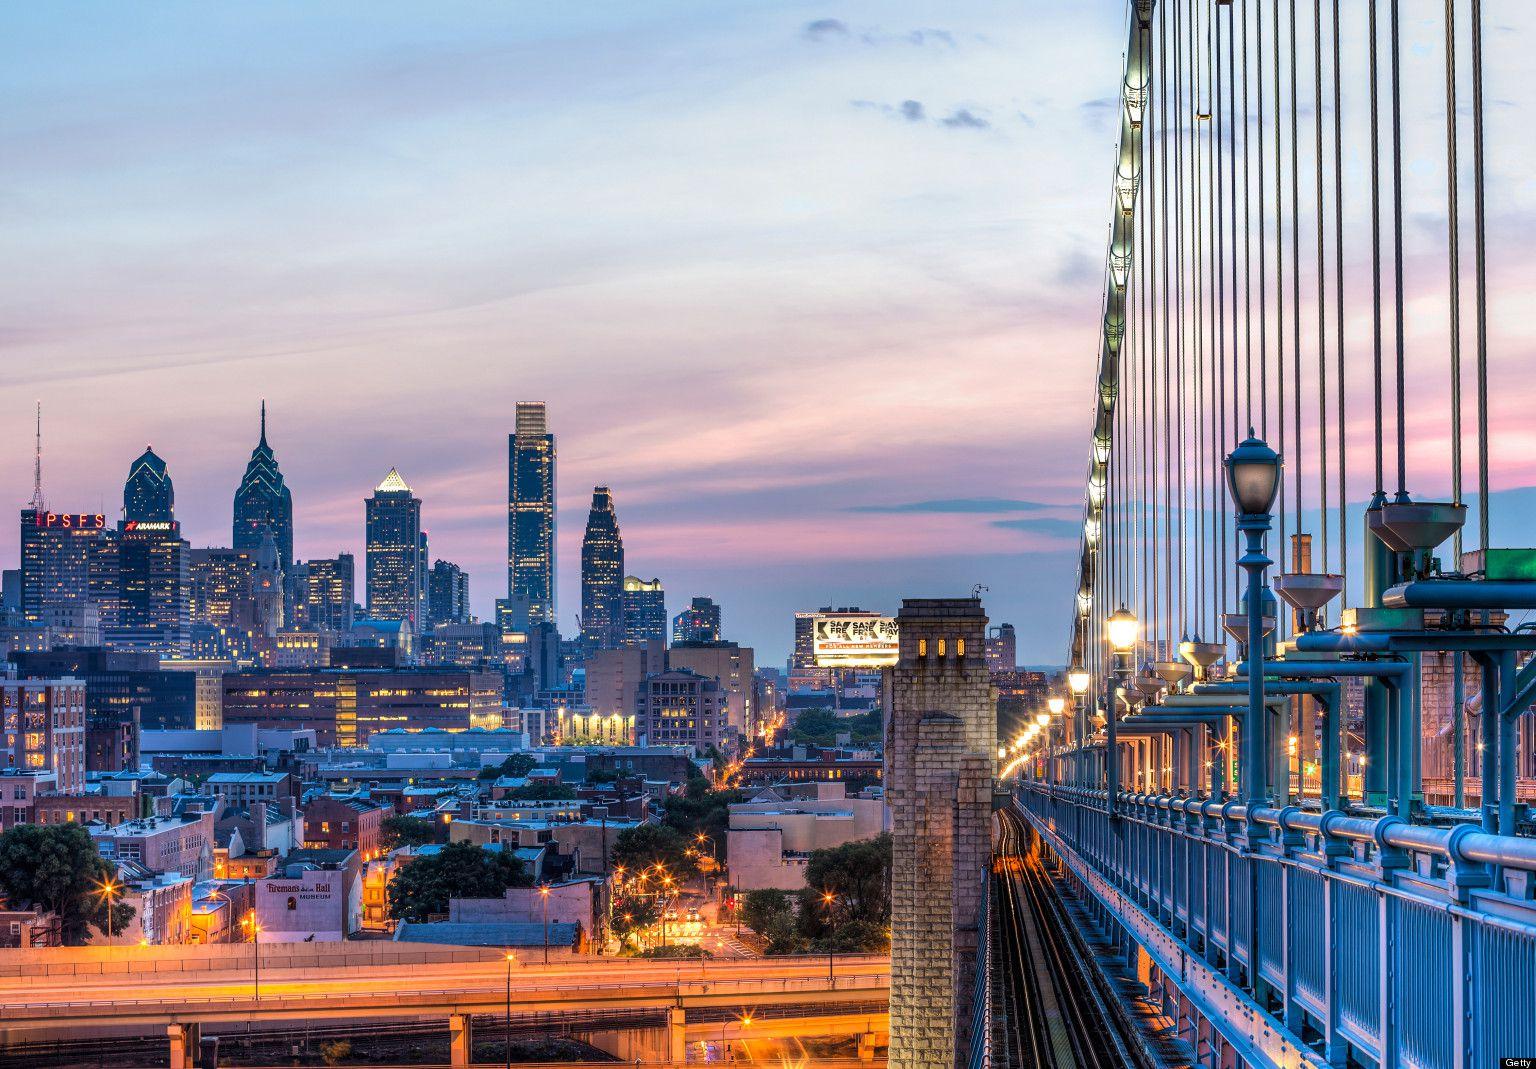 فيلادلفيا